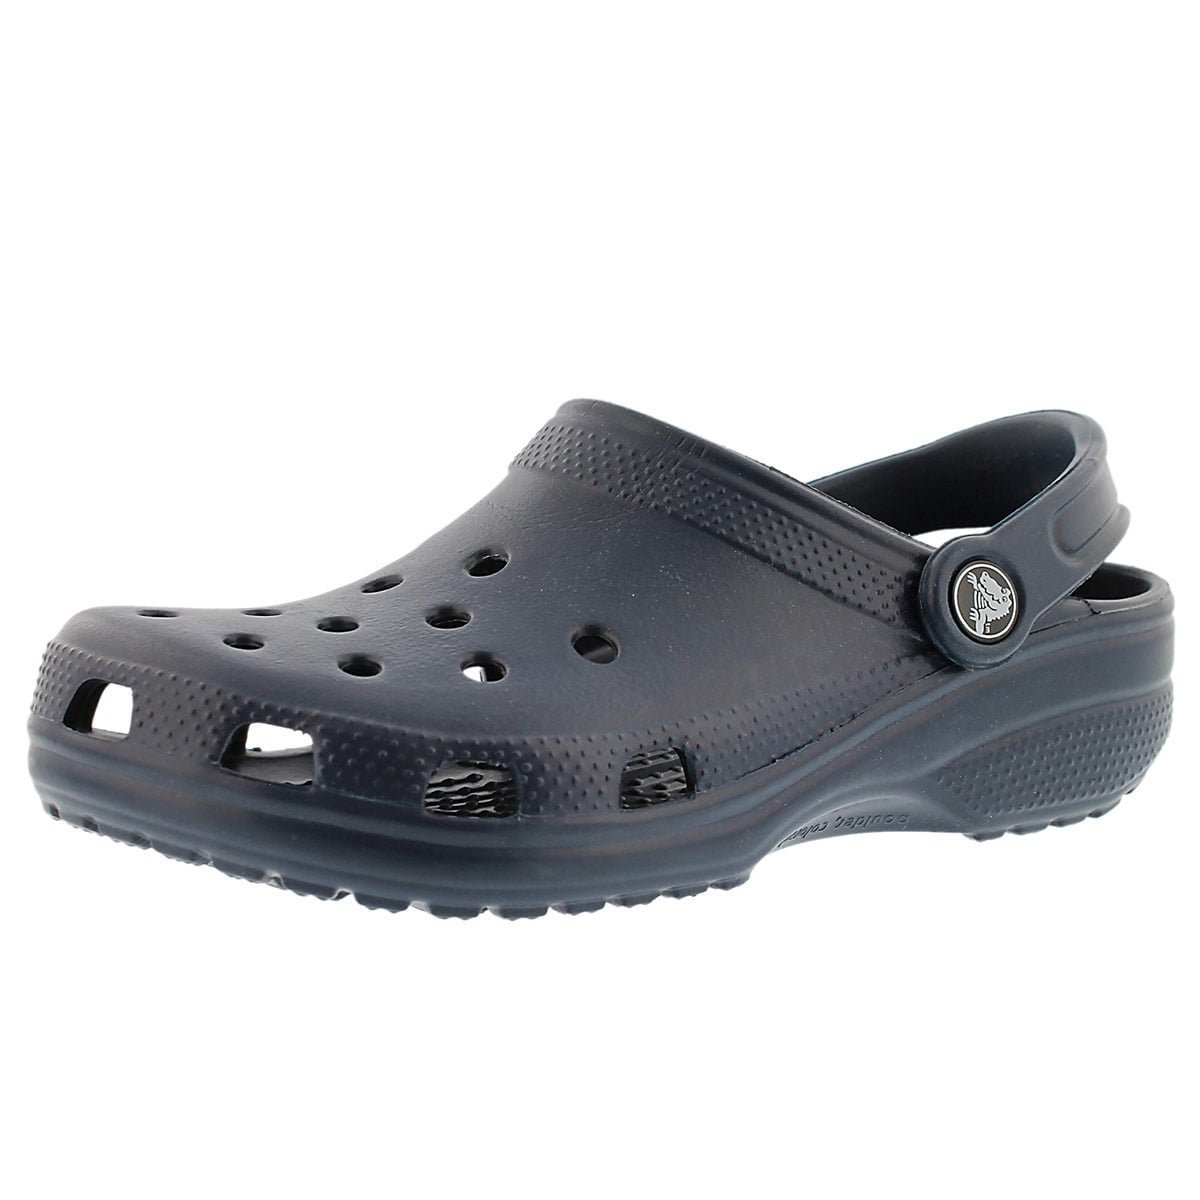 Crocs Classic Navy Blue Comfort Durable Practical Clogs Sandals Size 8